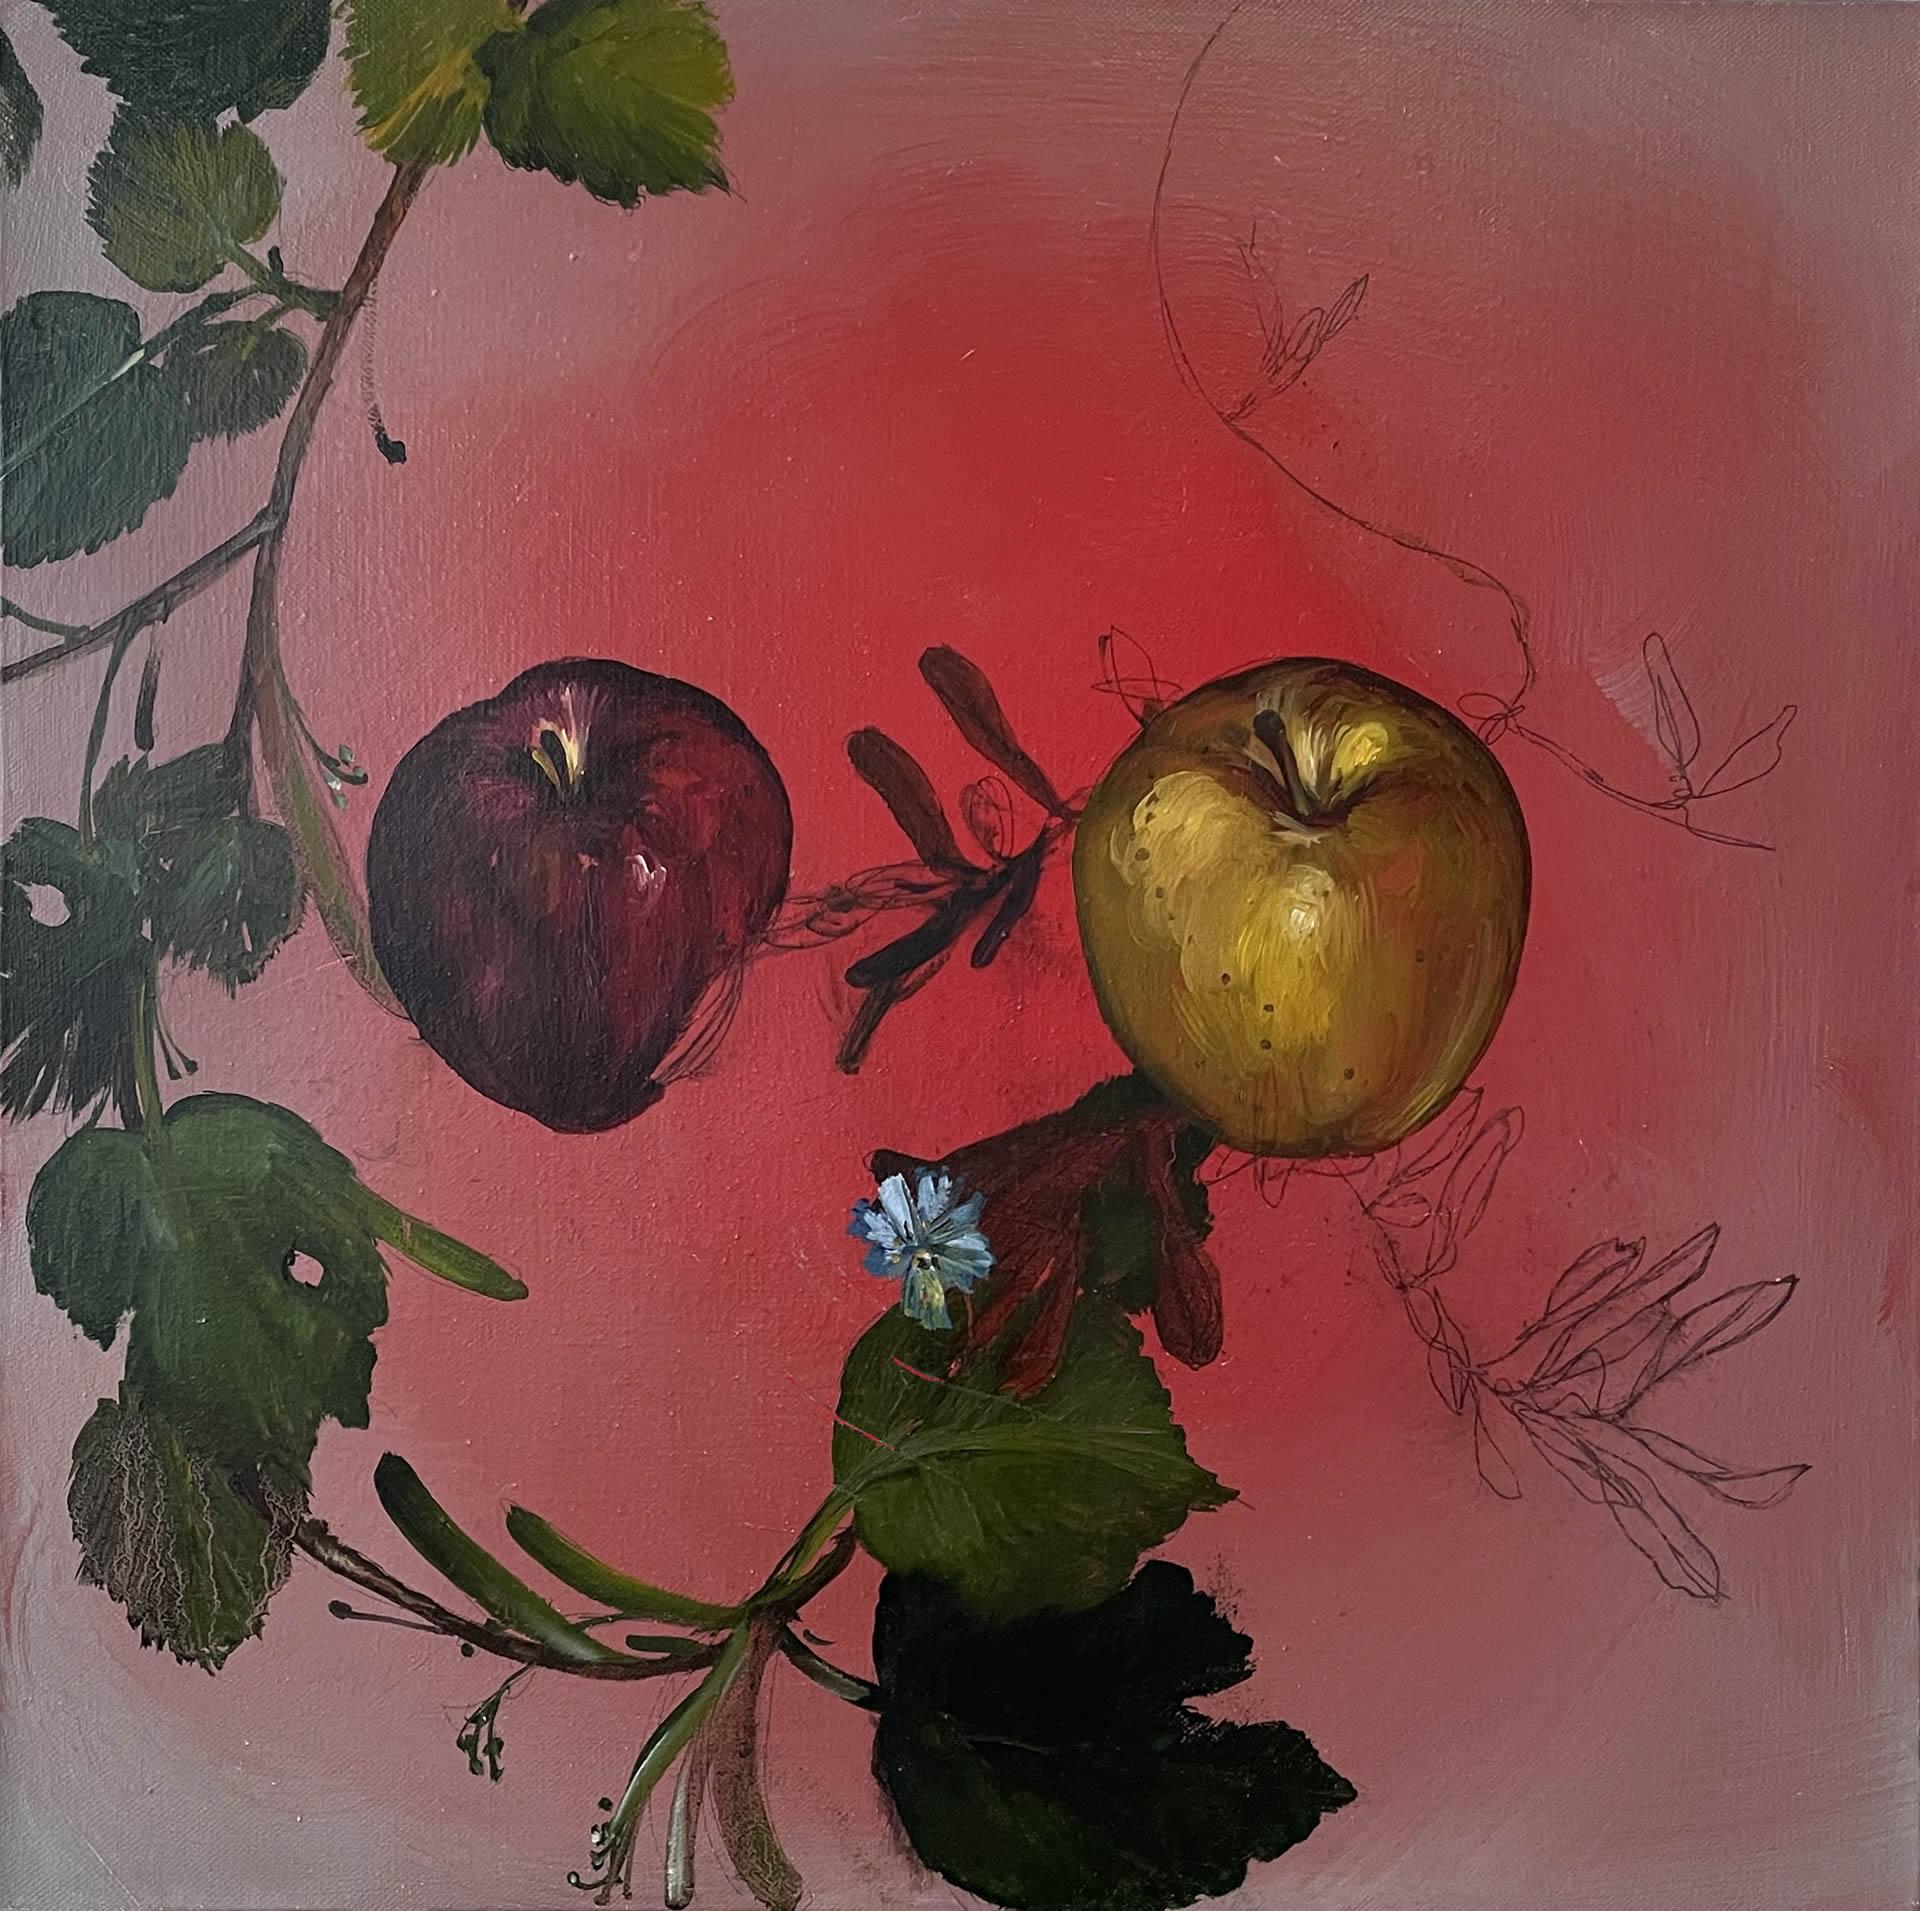 Karen-Yurkovich-PC4-20x20-Online-Art-Galleries